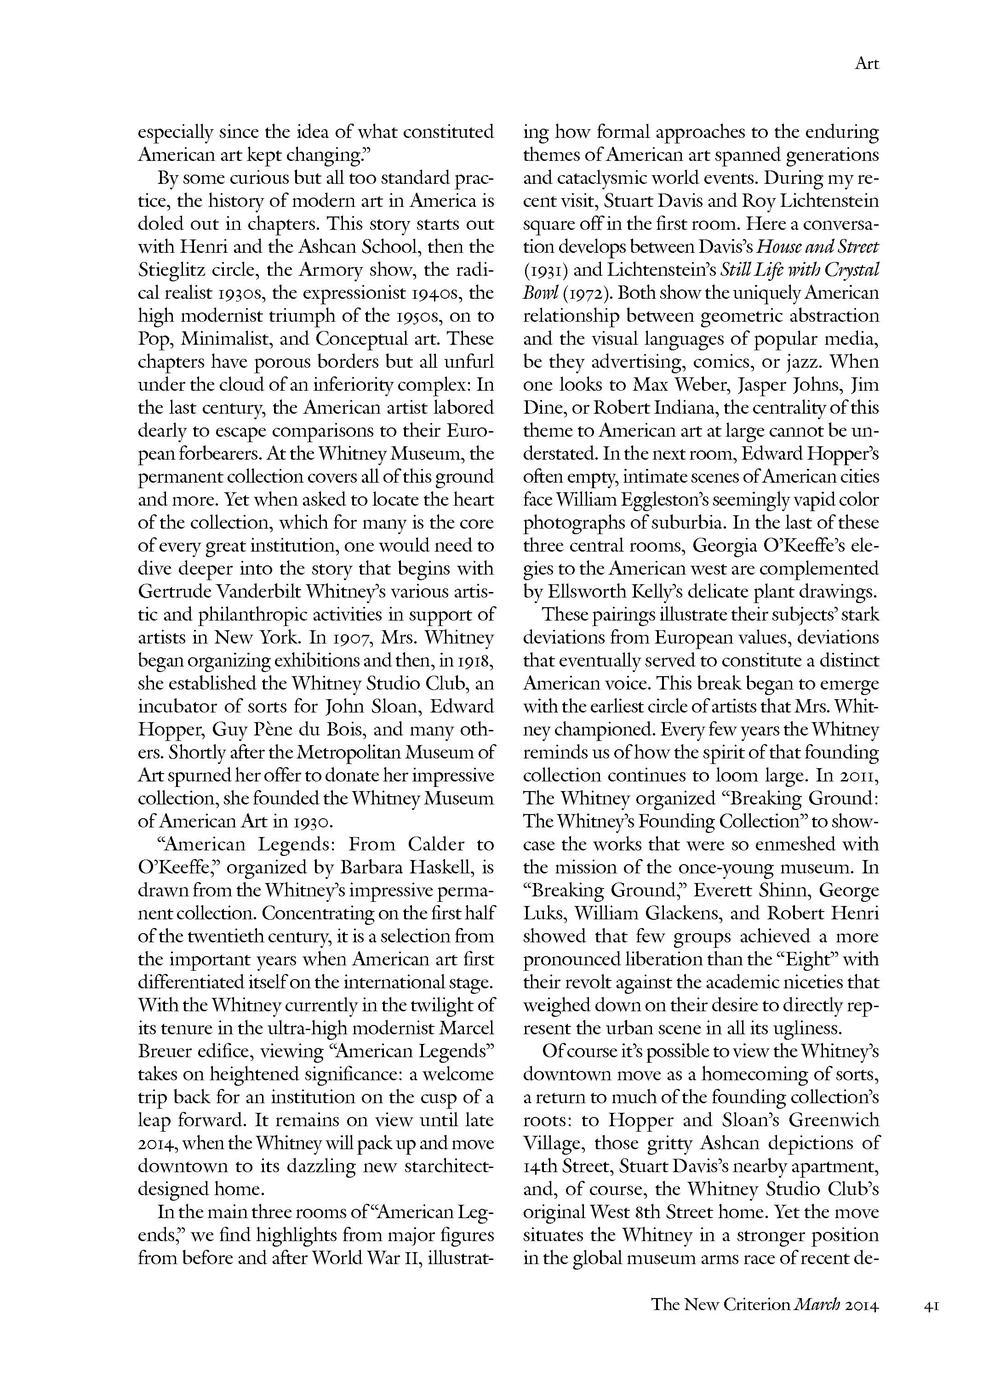 march_karen-page5.jpg